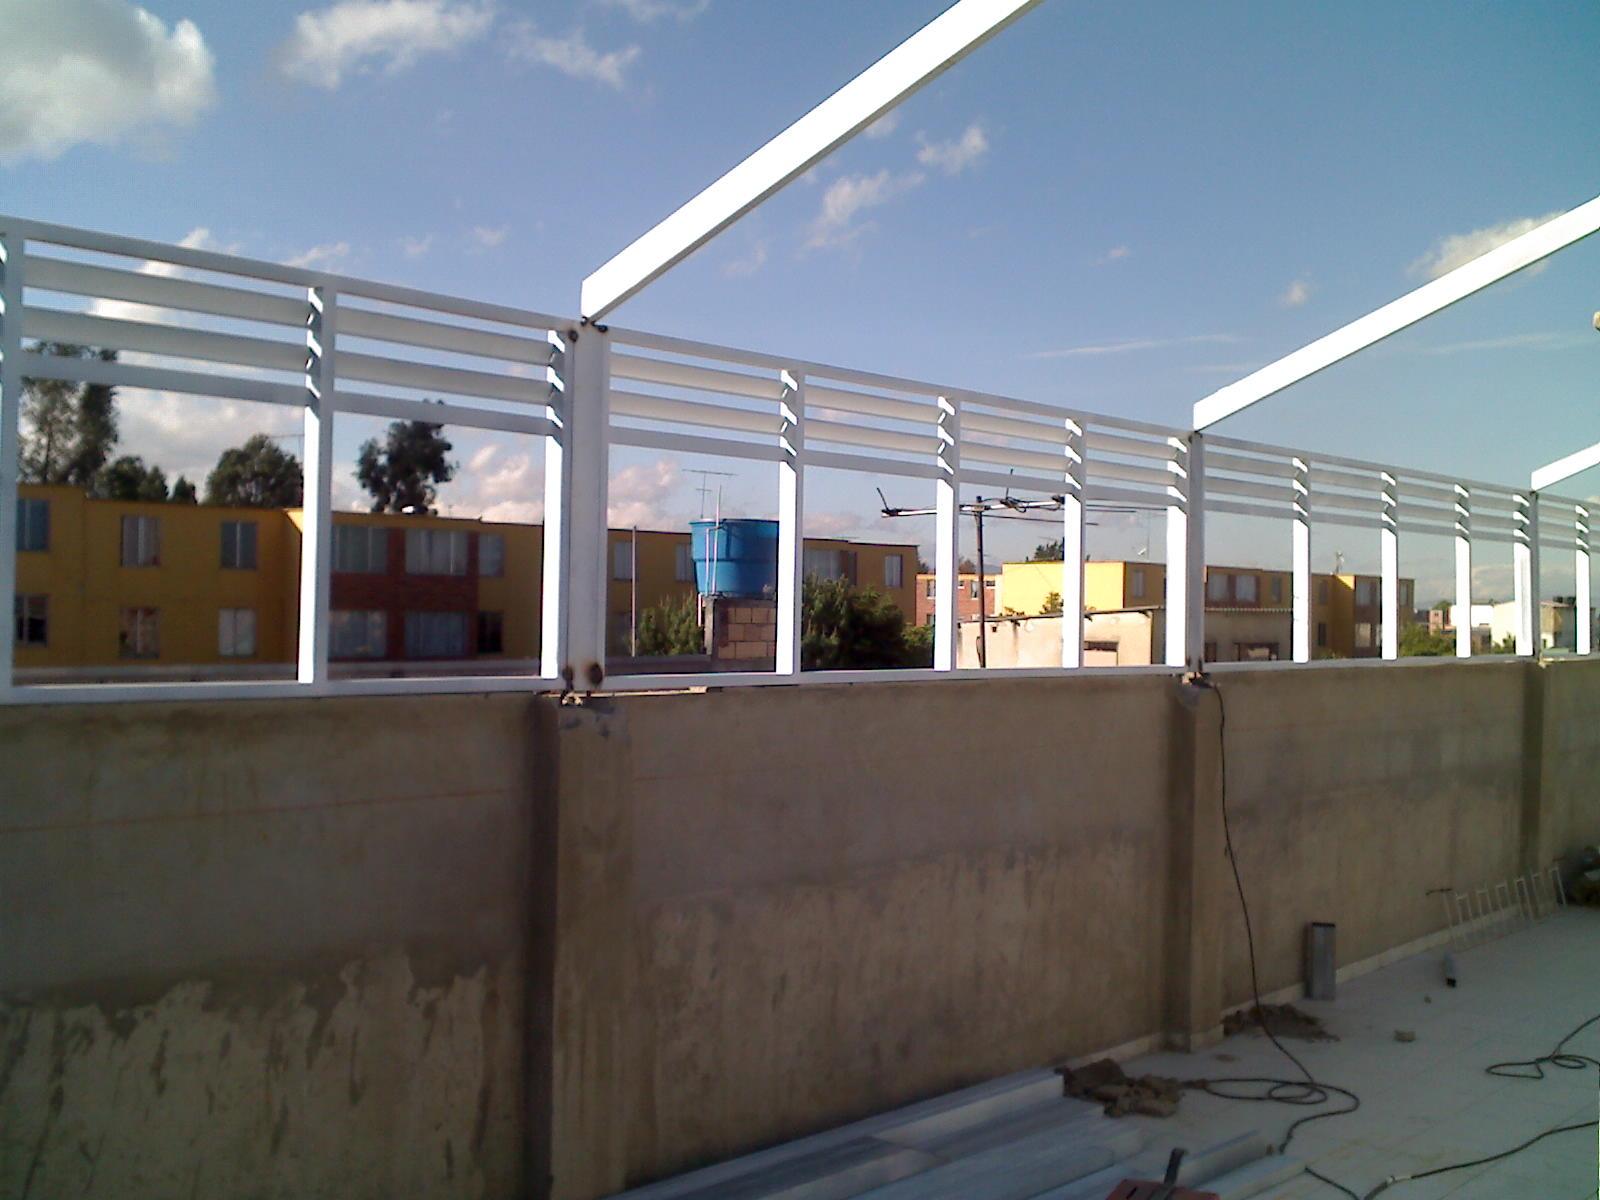 Industrias metalicas jrc cubiertas livianas for Cubiertas para techos livianas